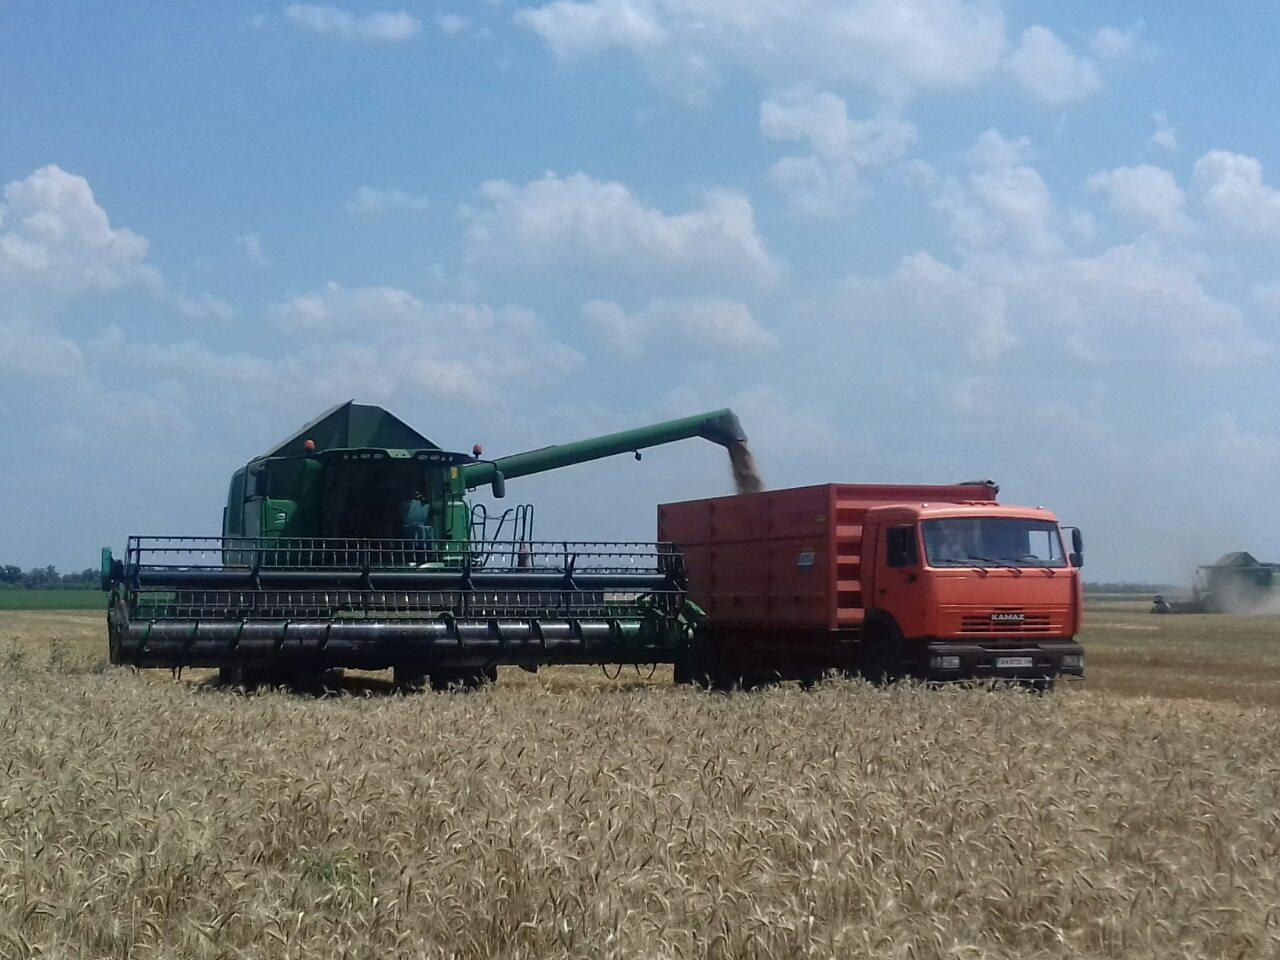 Великоновосілківському районі зібрано 82% ранніх зернових до плану